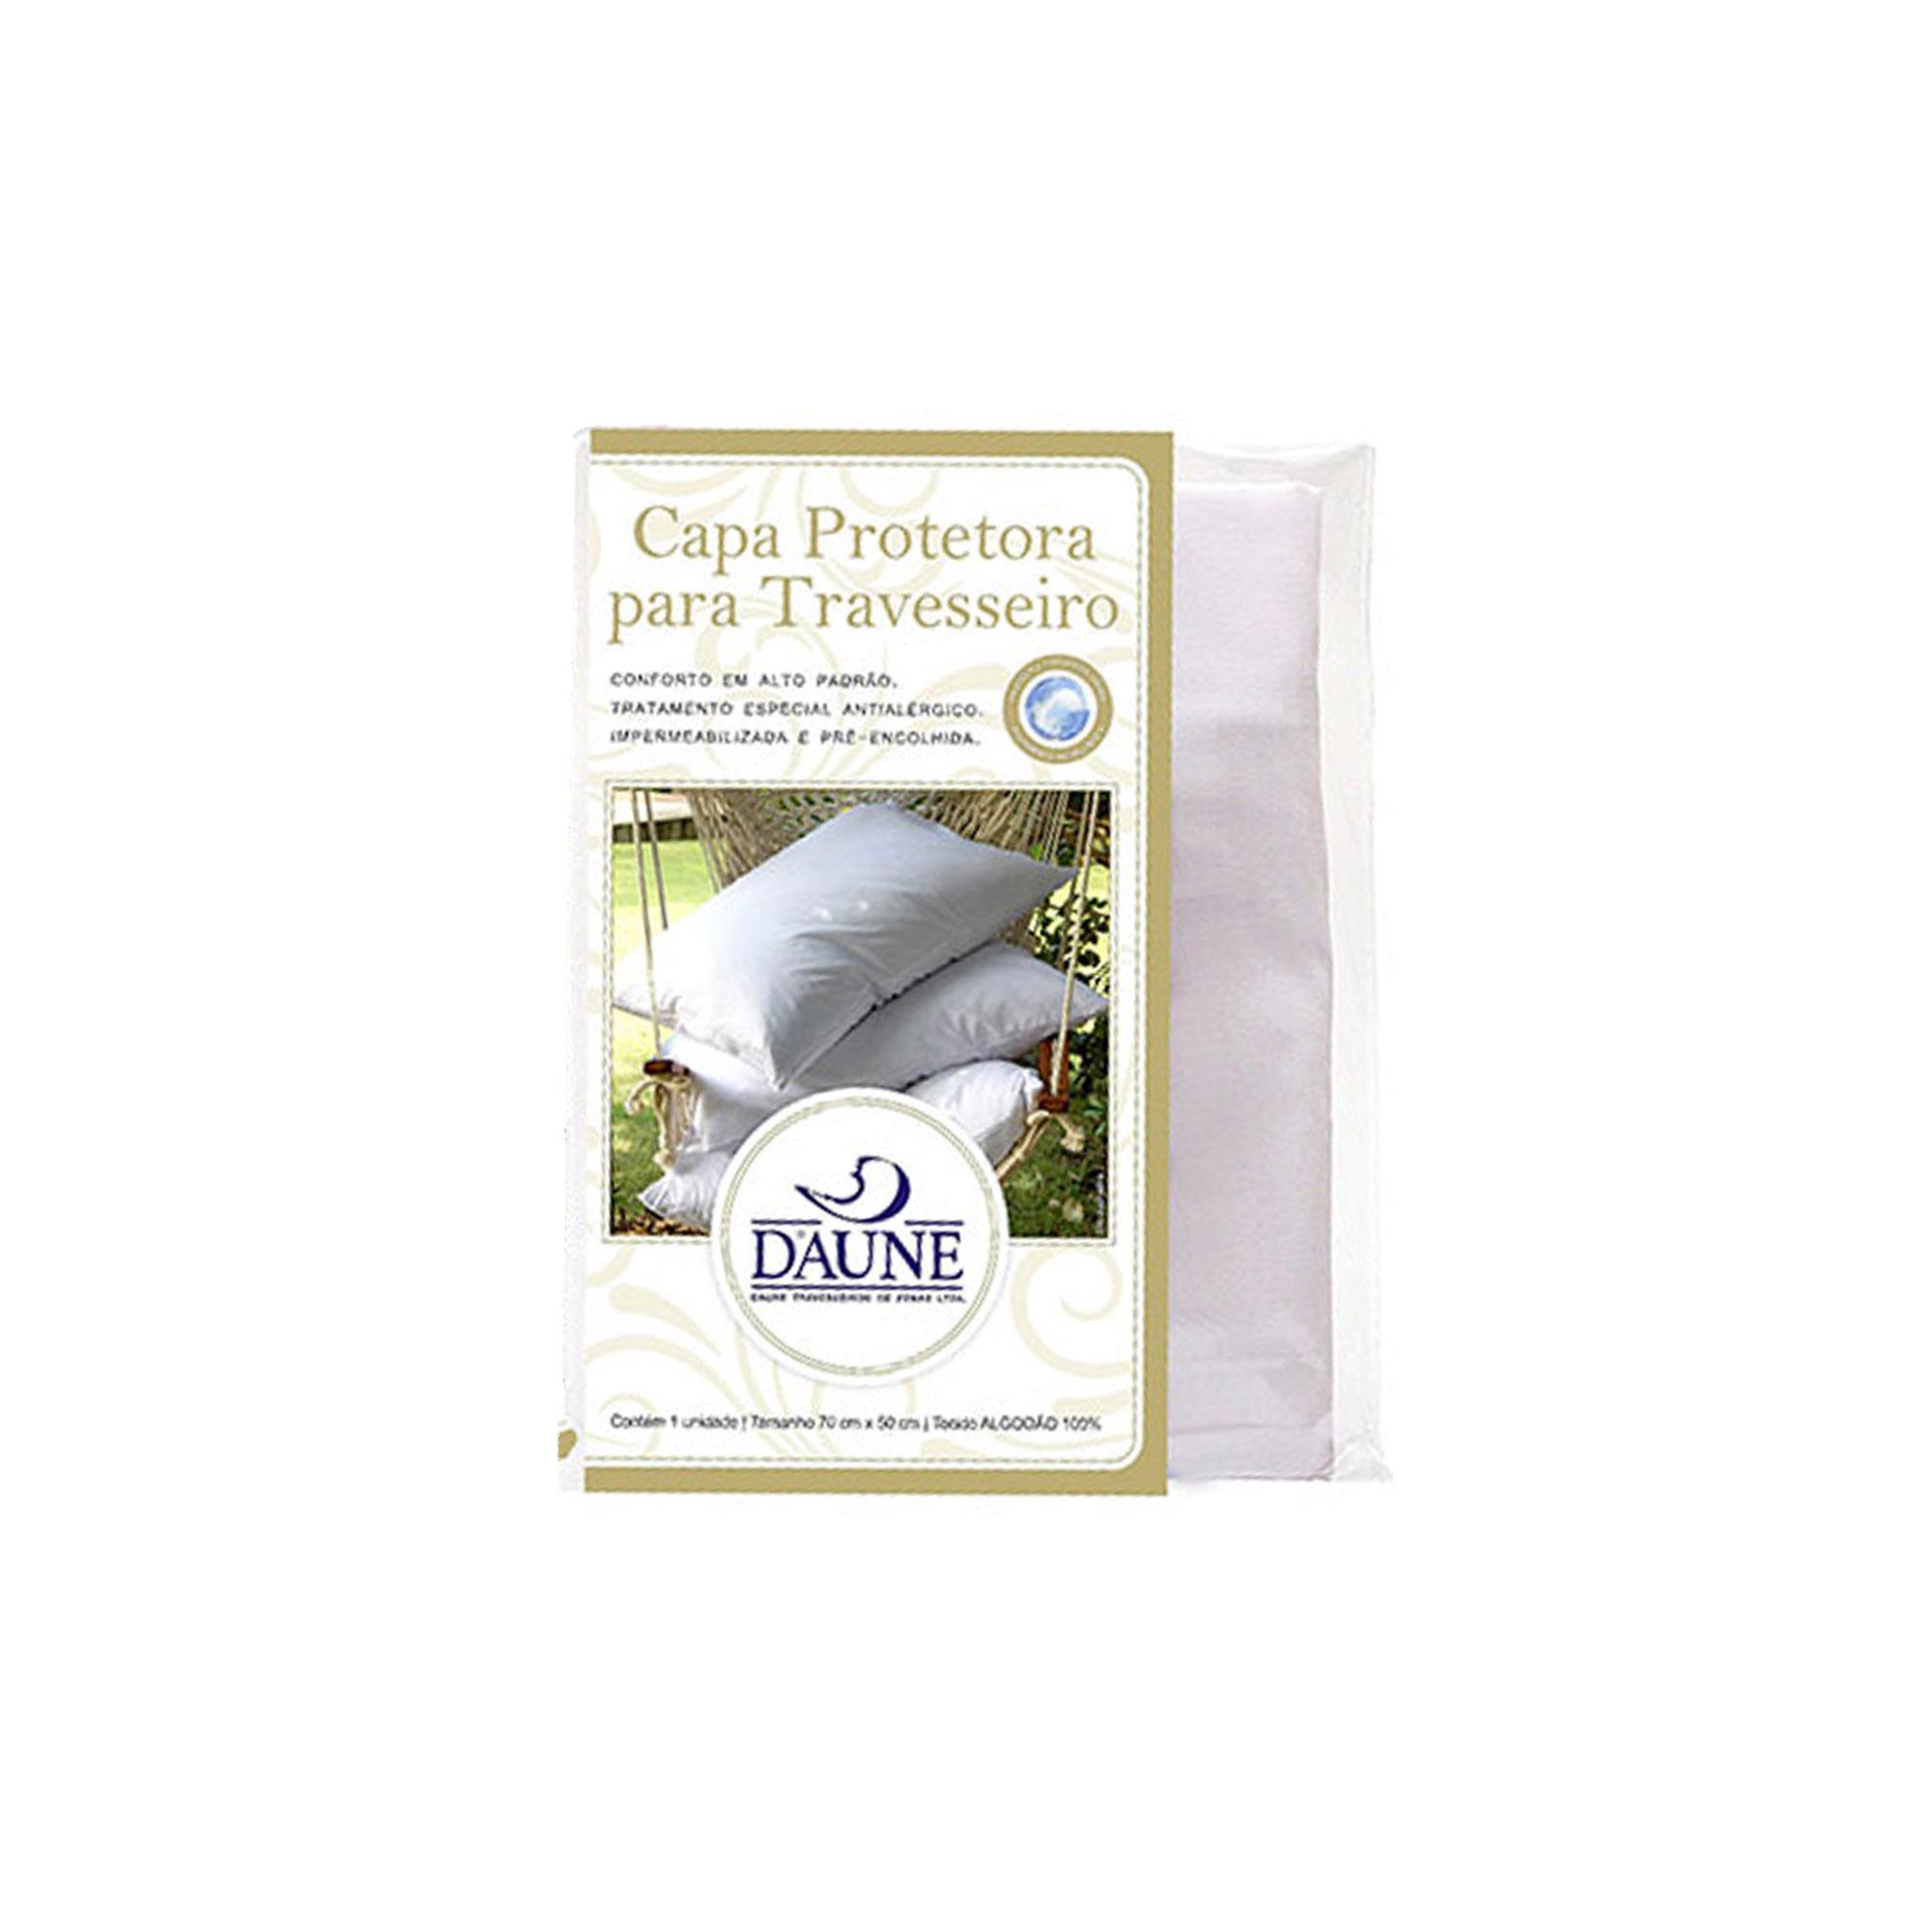 Capa Protetora 100% Algodão para Travesseiro King, Daune, 050 x 090 cm